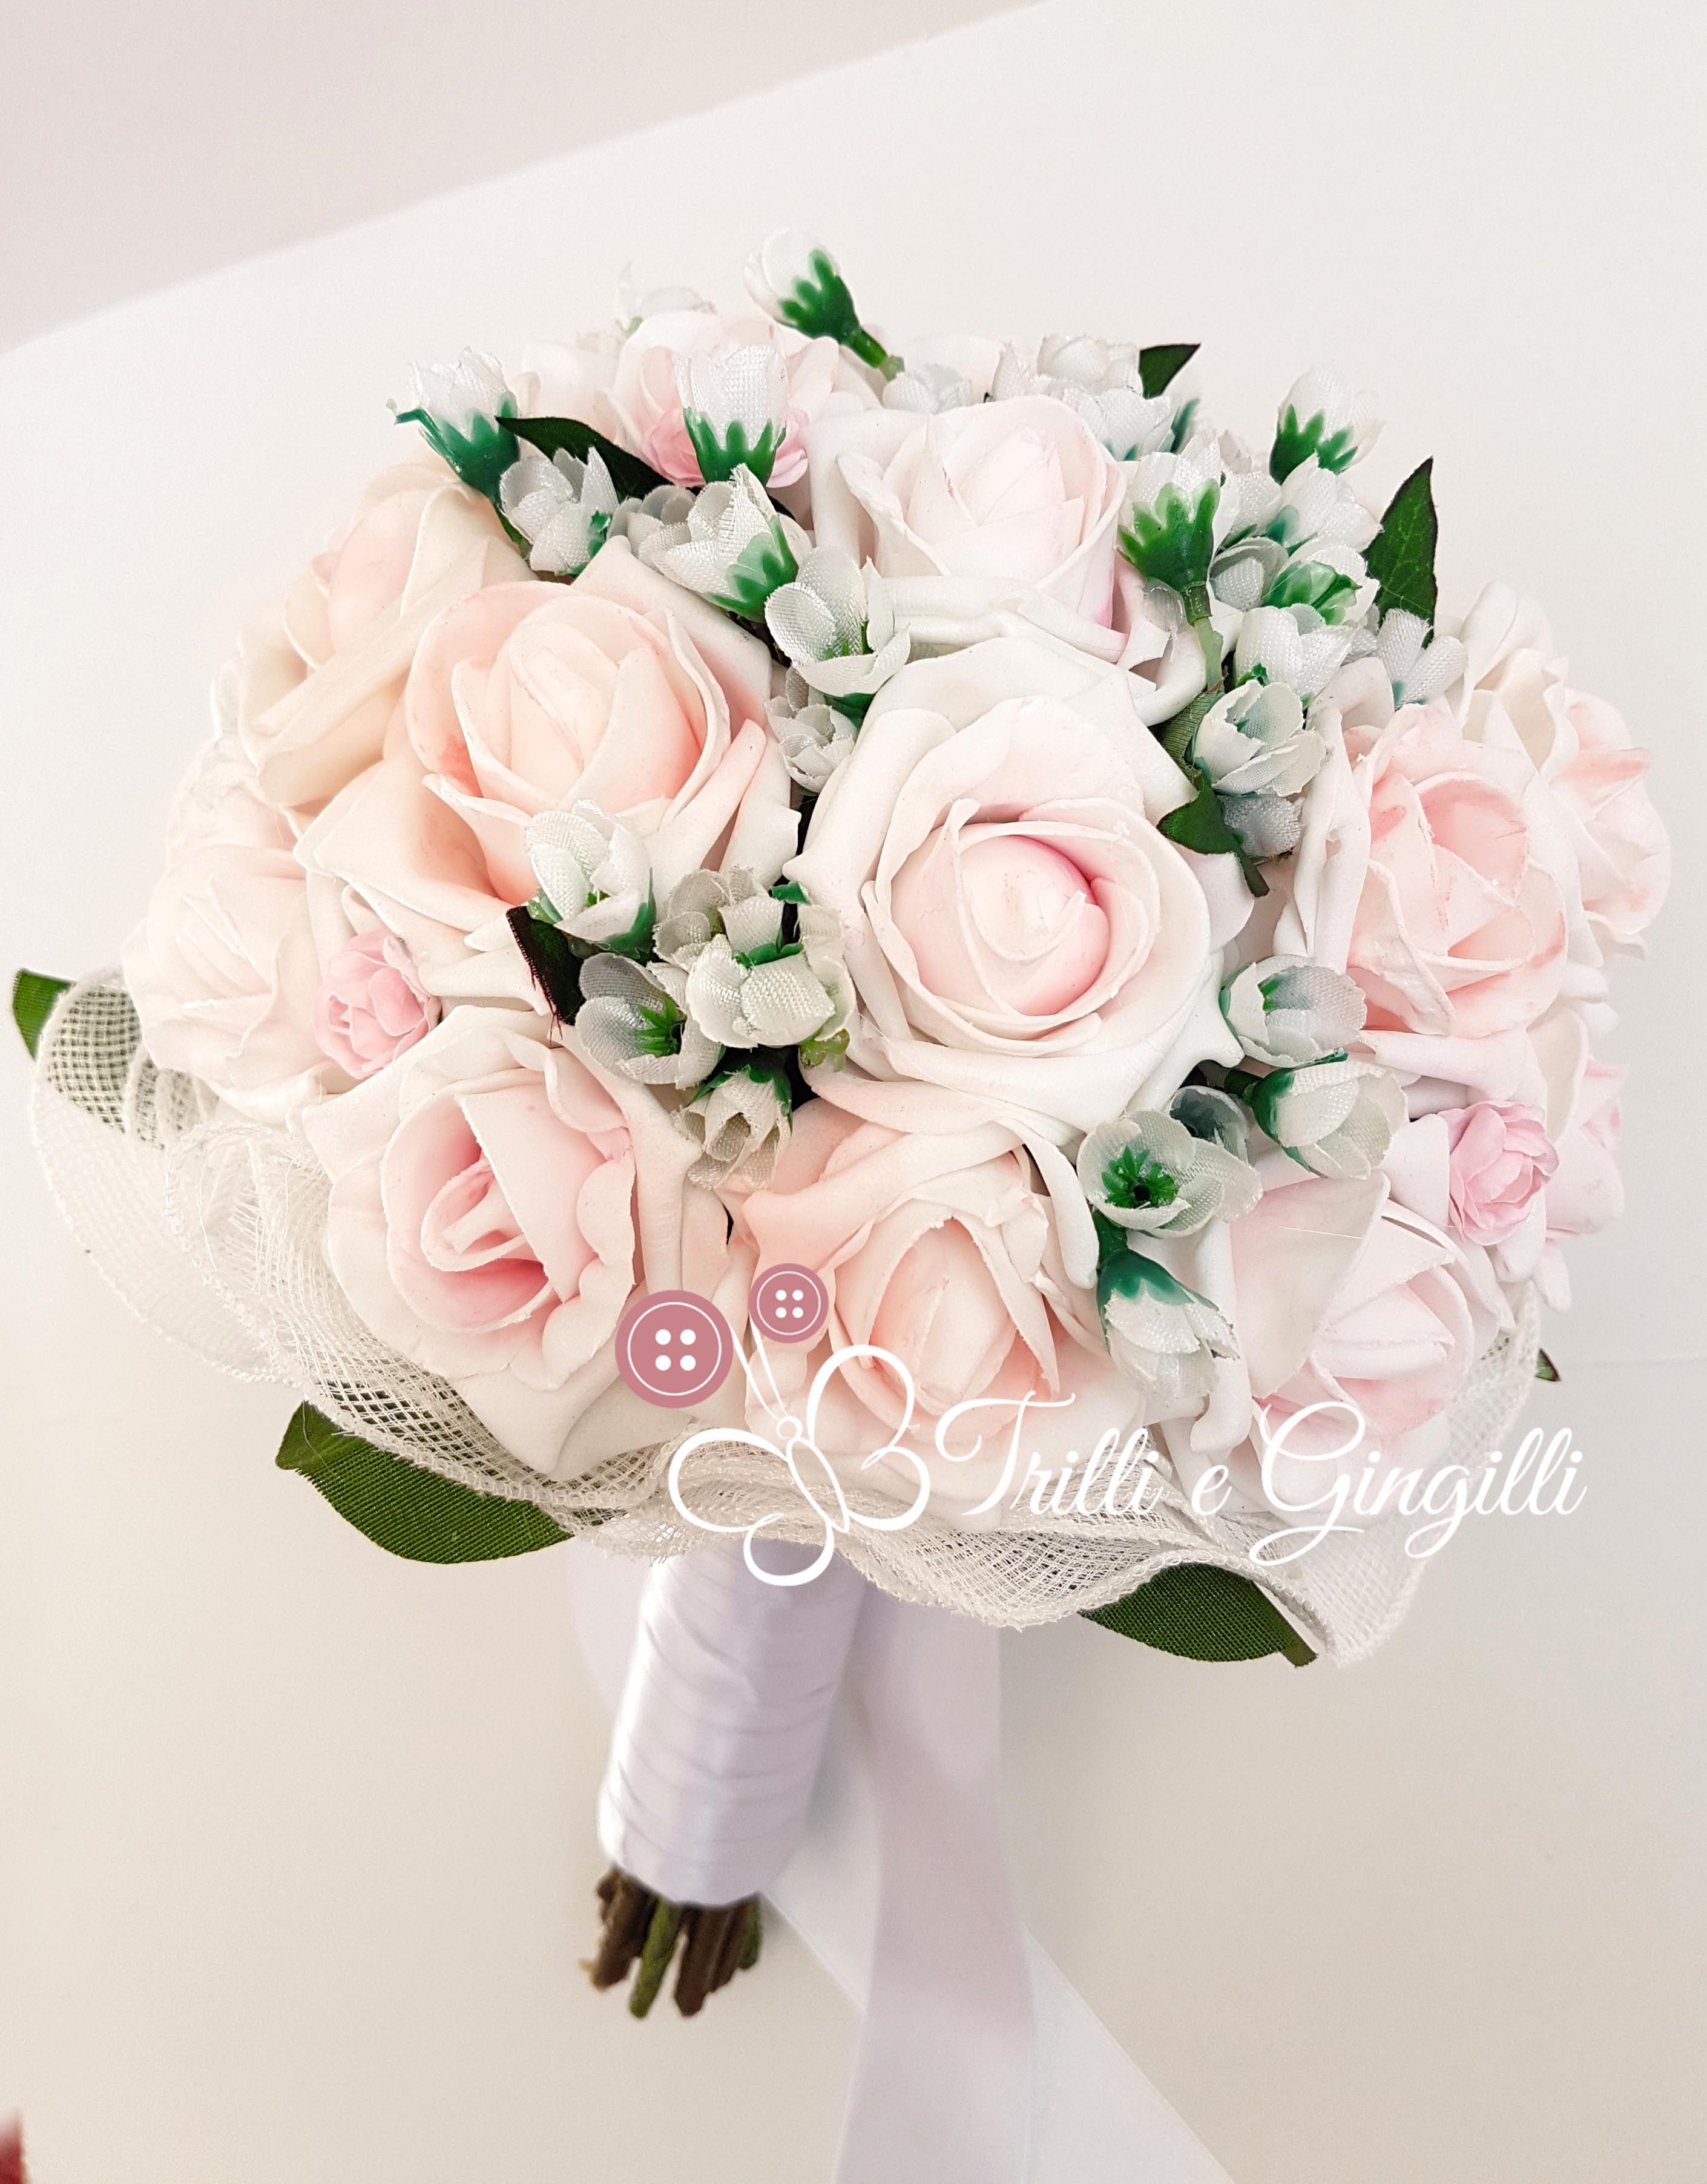 Bouquet Sposa Fiori.Bouquet Sposa Di Fiori Finti Con Rose Rosa Personalizzabile Con